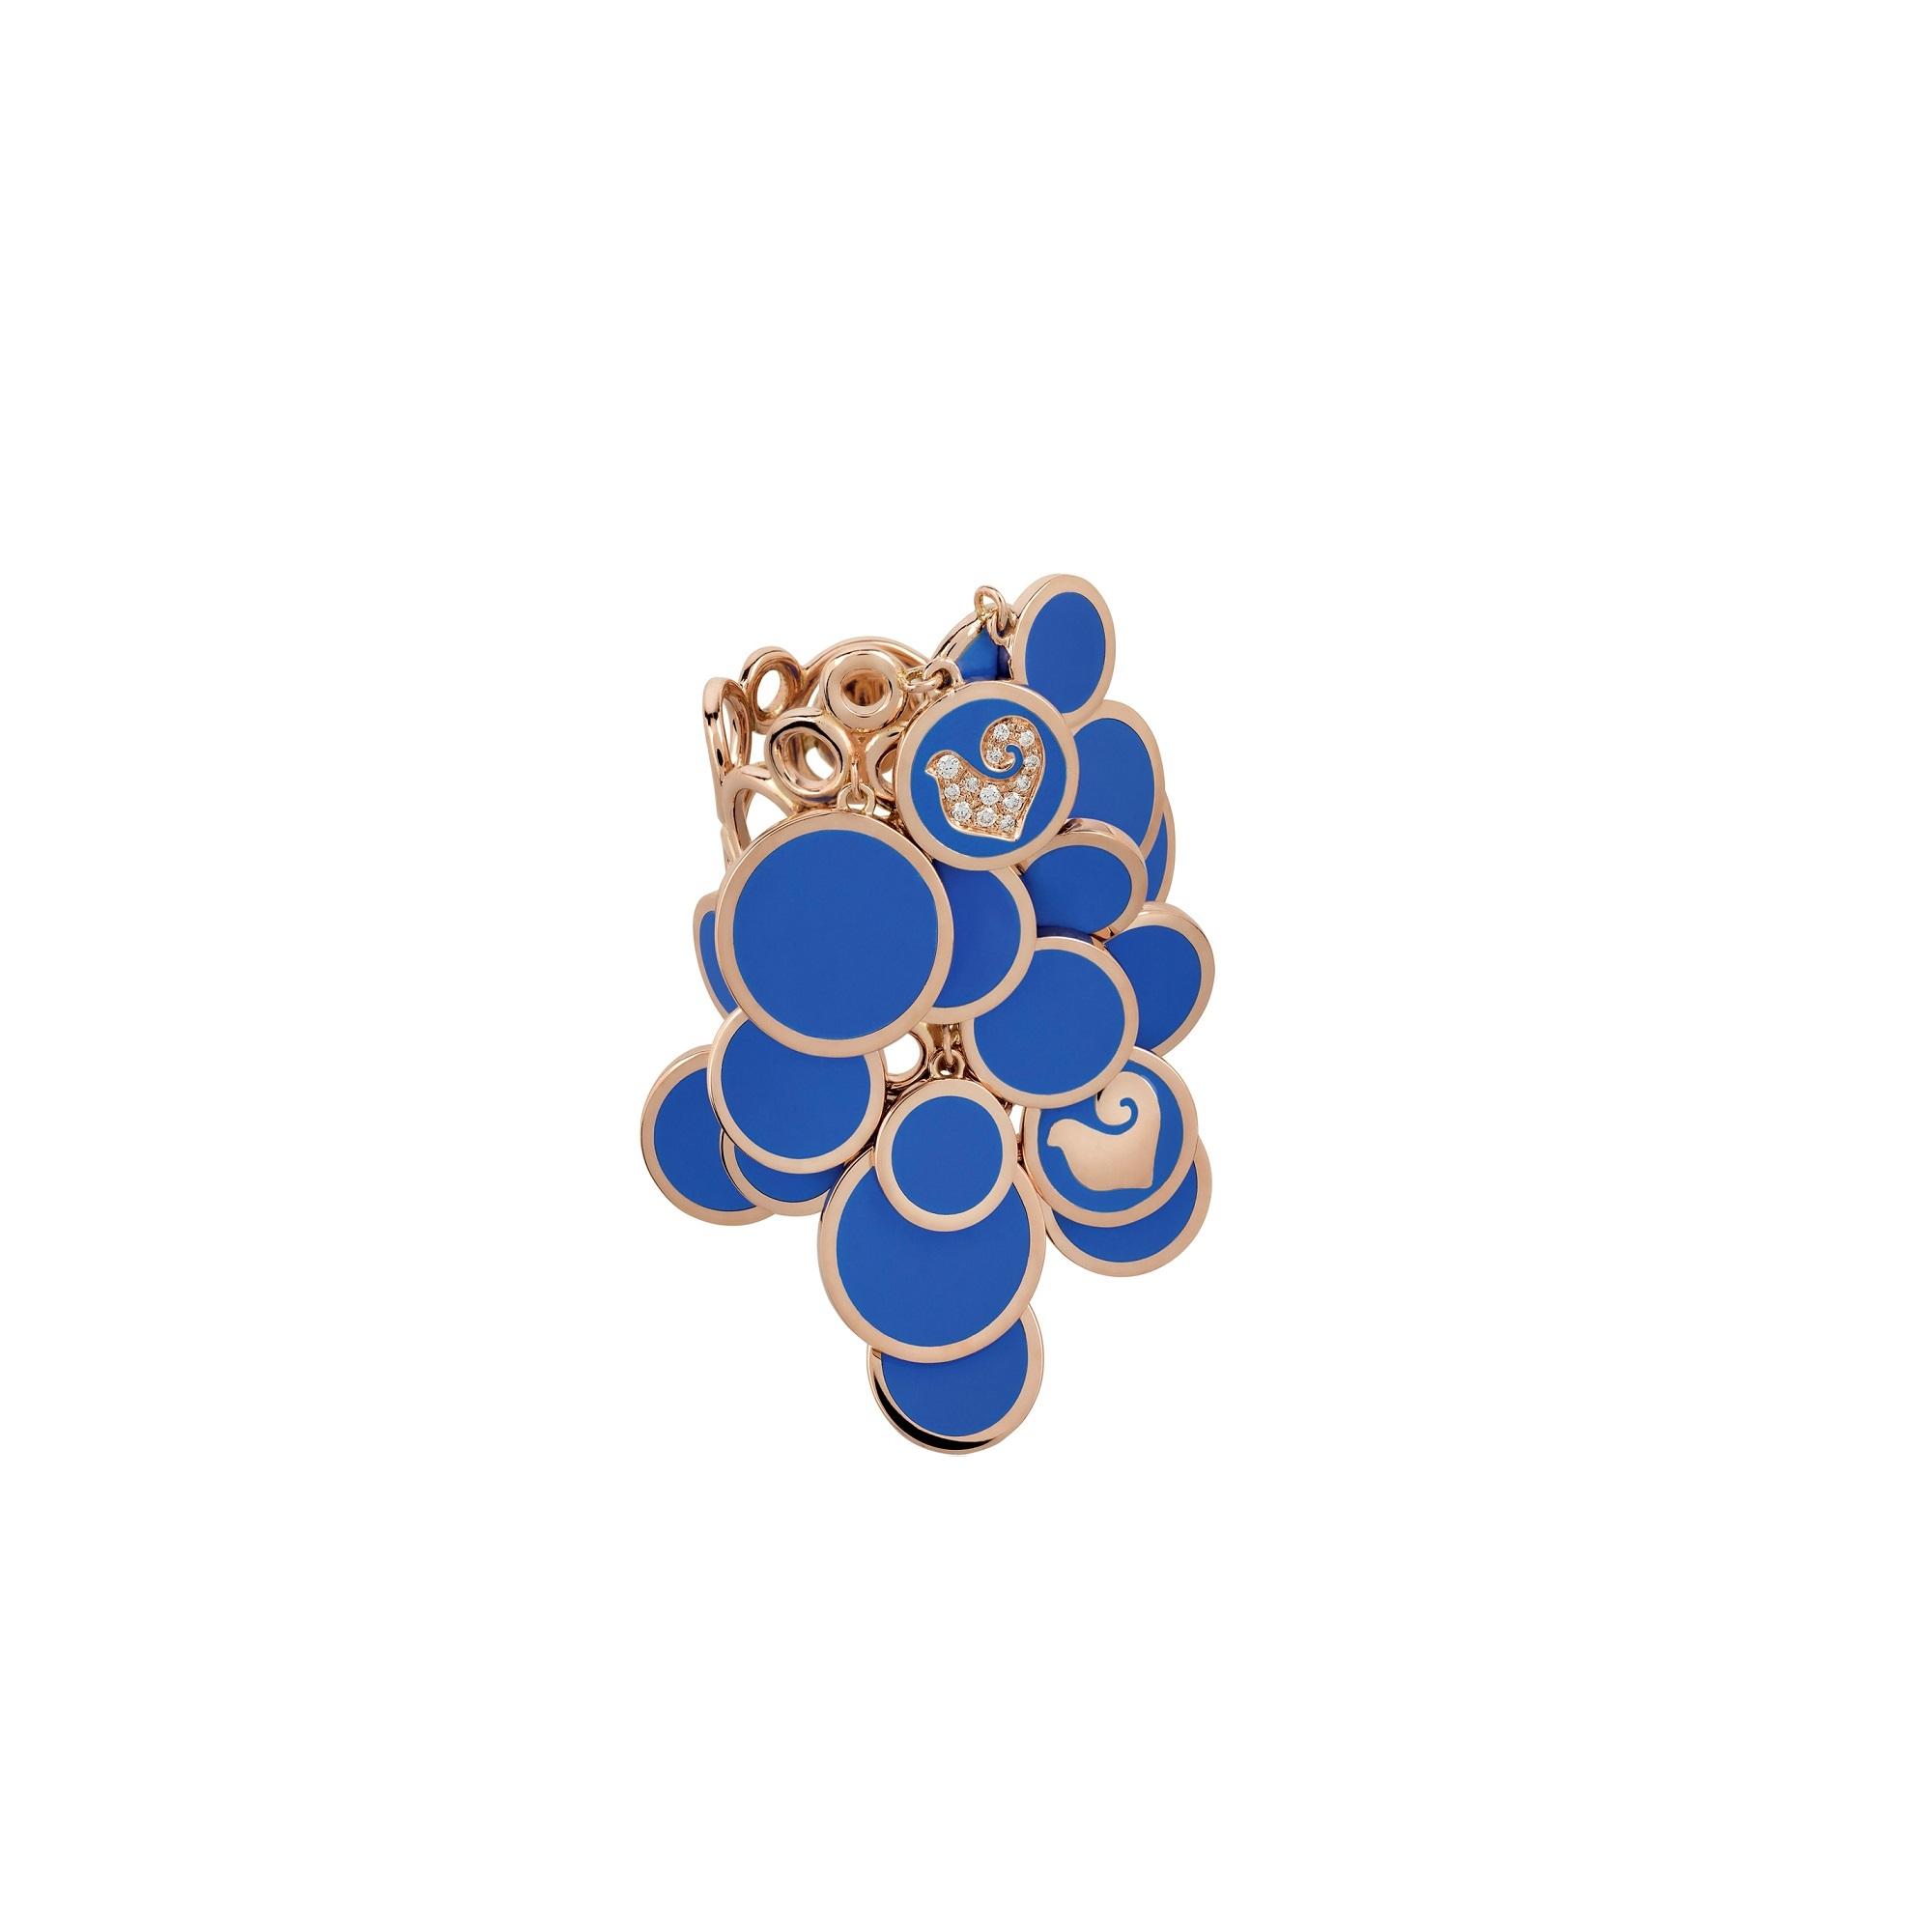 Chantecler Paillettes Ring aus Roségold mit blauem Emaille und Brillaten